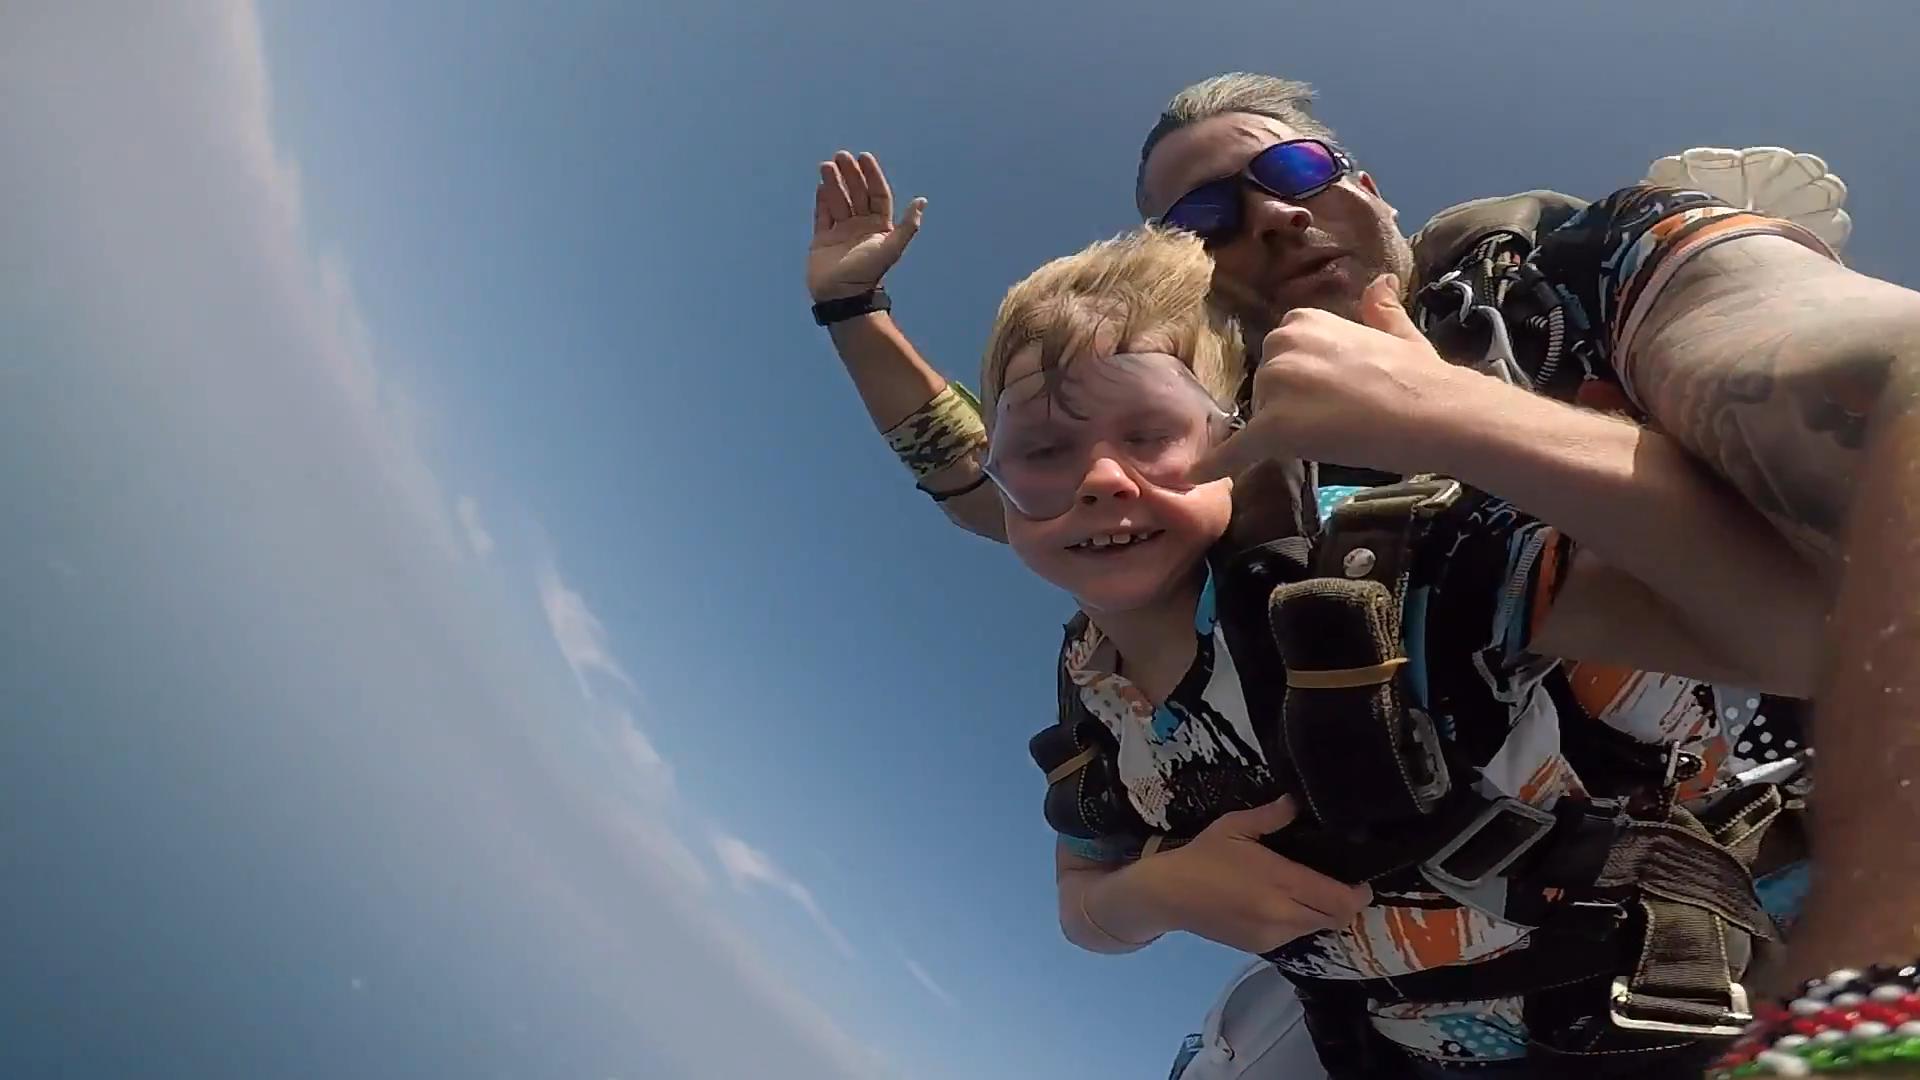 7 years old boy Skydiving in Tandem!!!